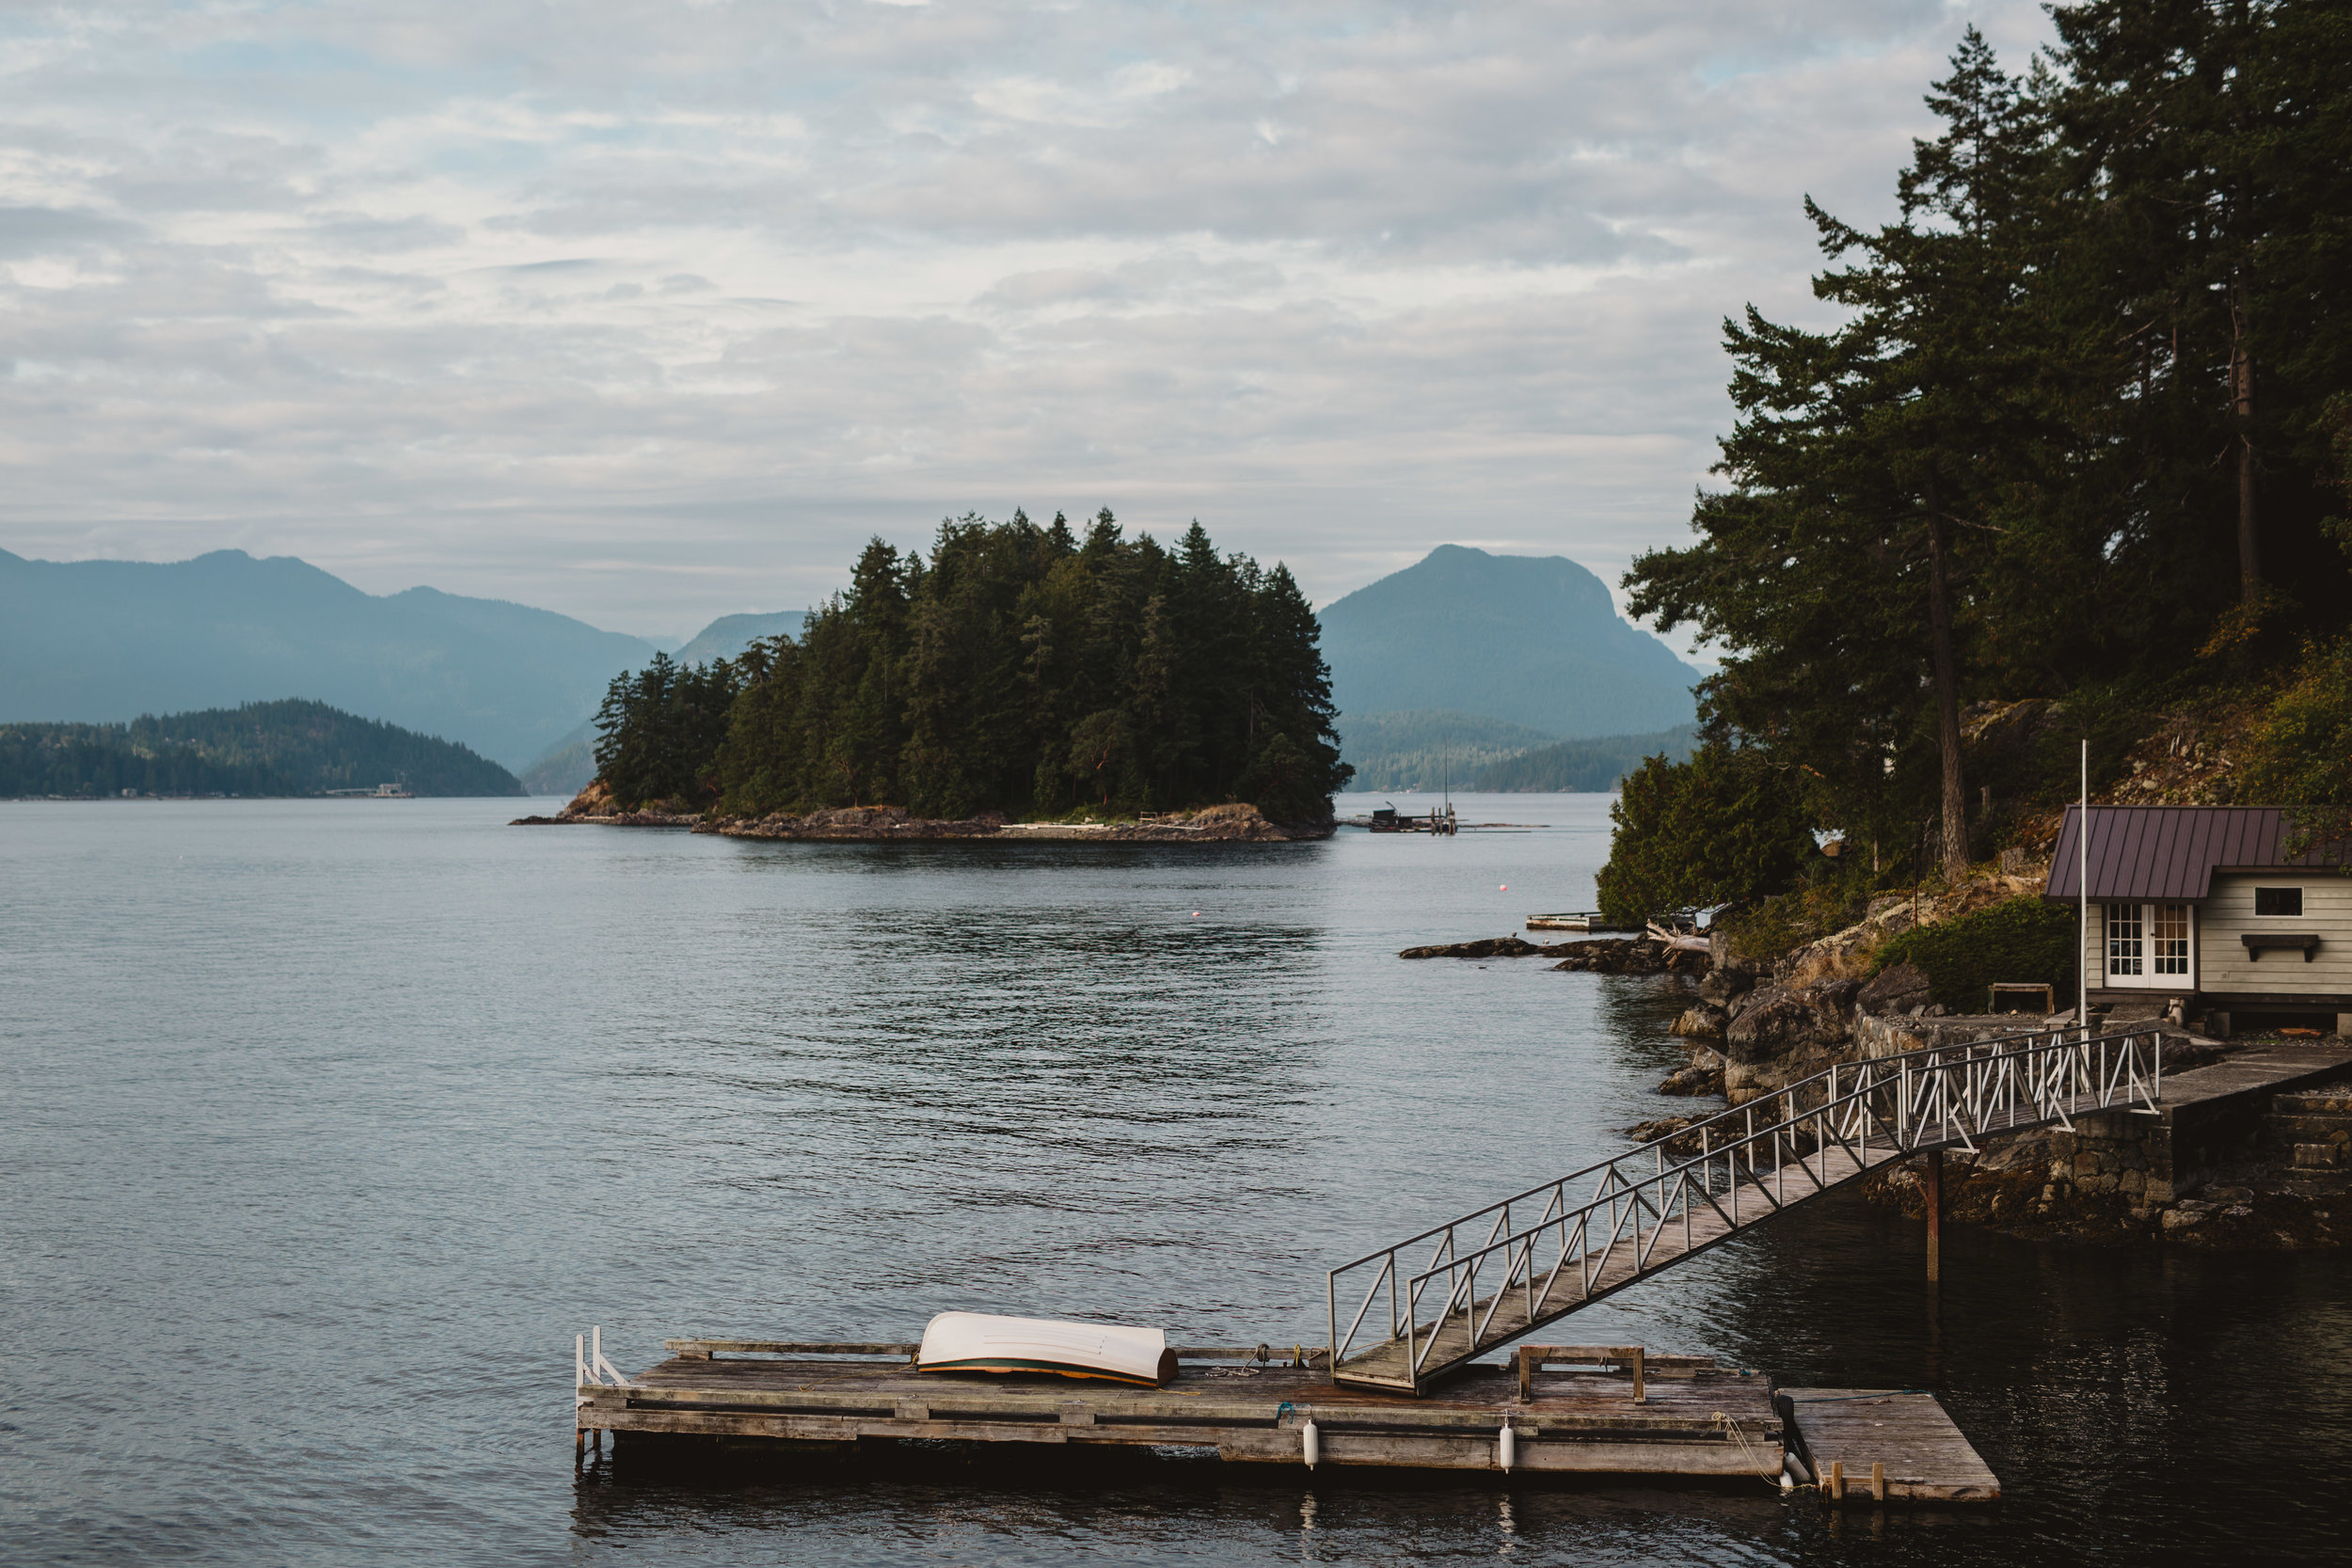 Keats Island Engagement Photos - Sunshine Coast Engagement Photos - Sunshine Coast Wedding Photographer - Vancovuer Wedding Photographer - Jennifer Picard Photography - IMG_0039.jpg